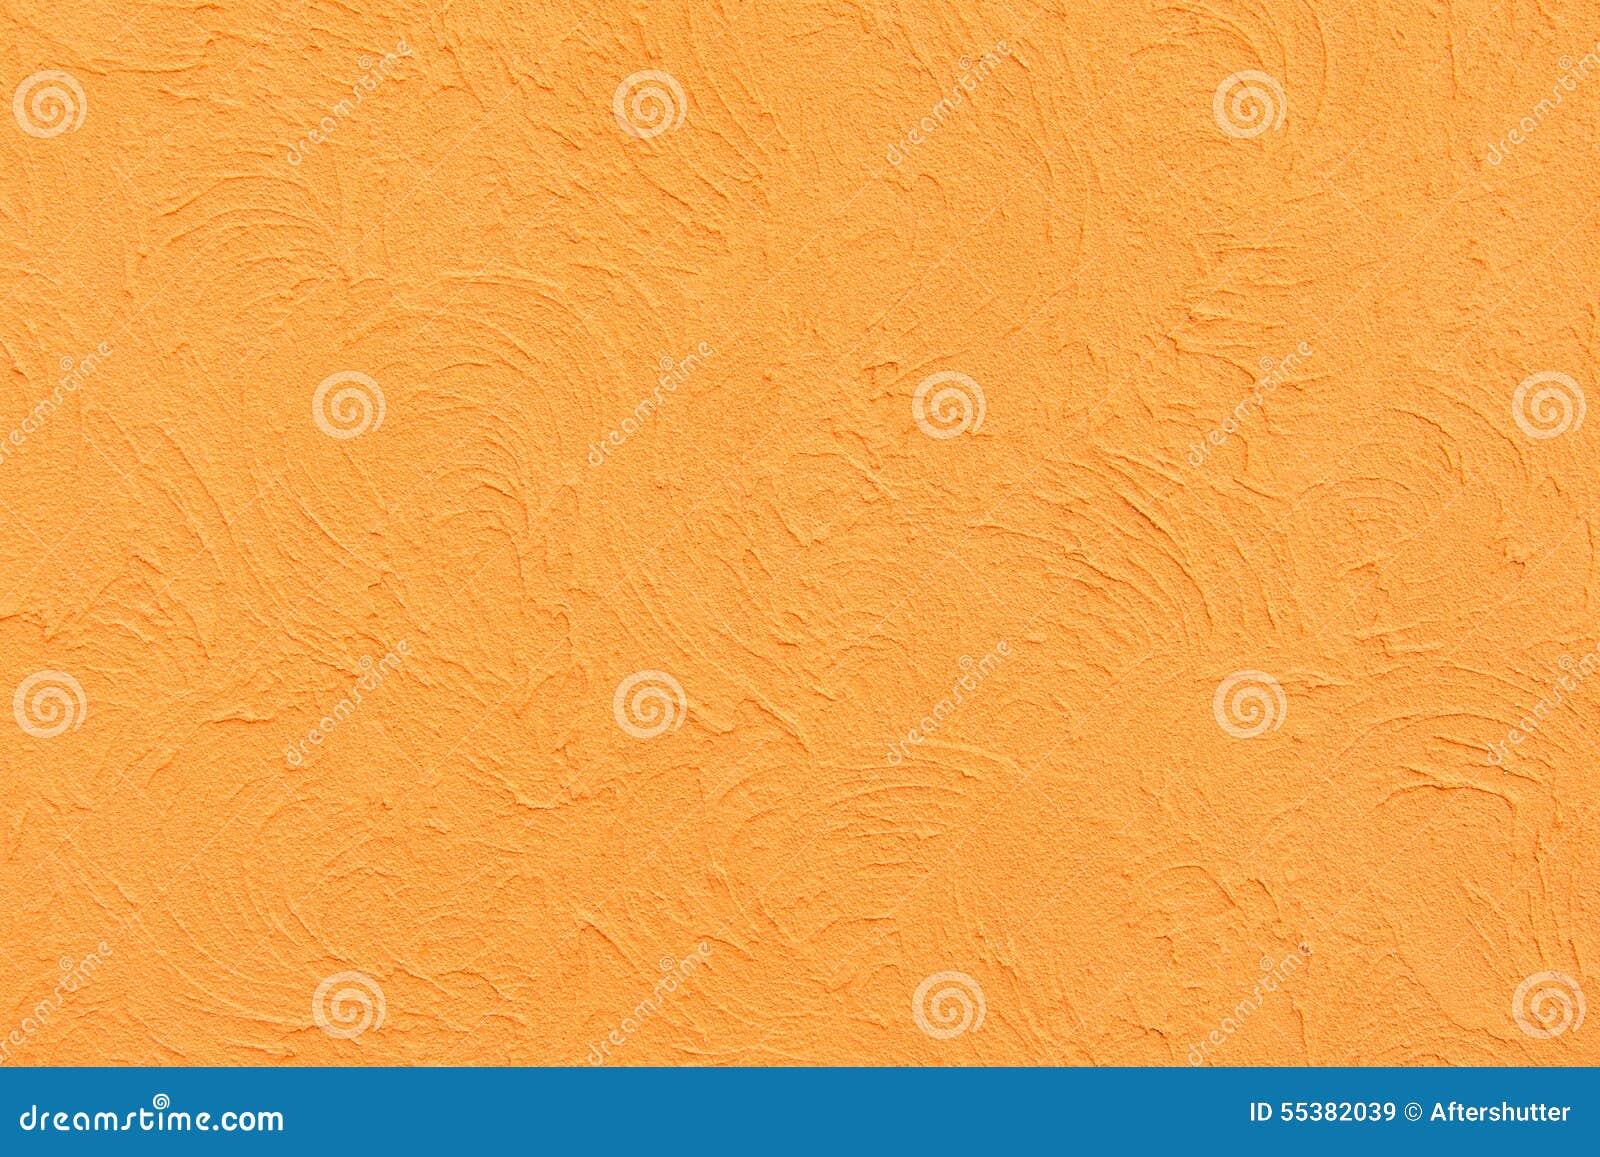 Decorative Rough Concrete Cement Plaster Wall Texture